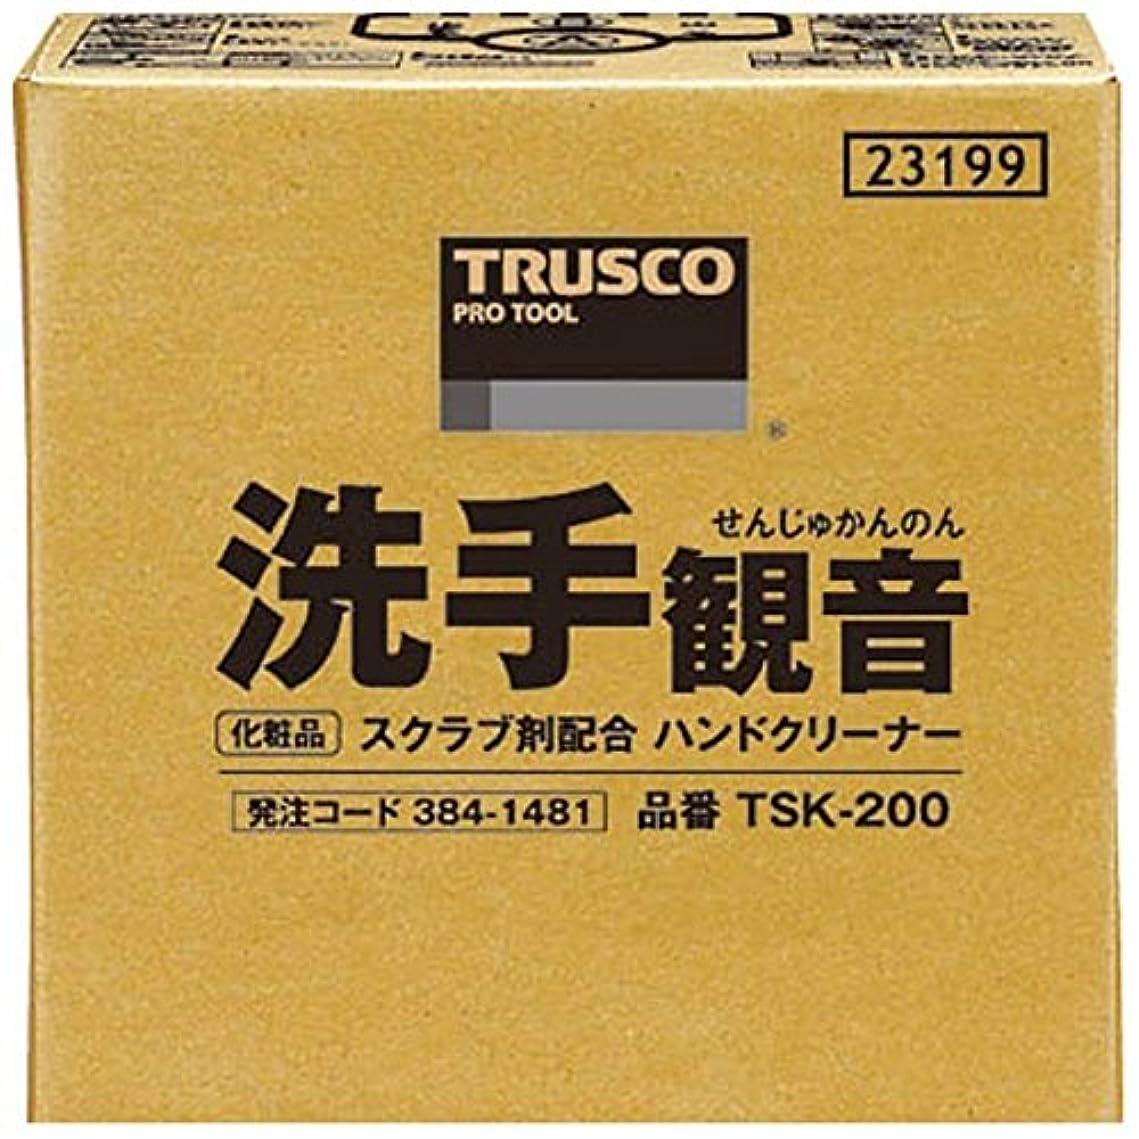 誘惑傀儡列車TRUSCO 洗手観音 20kg バックインボックス TSK-200